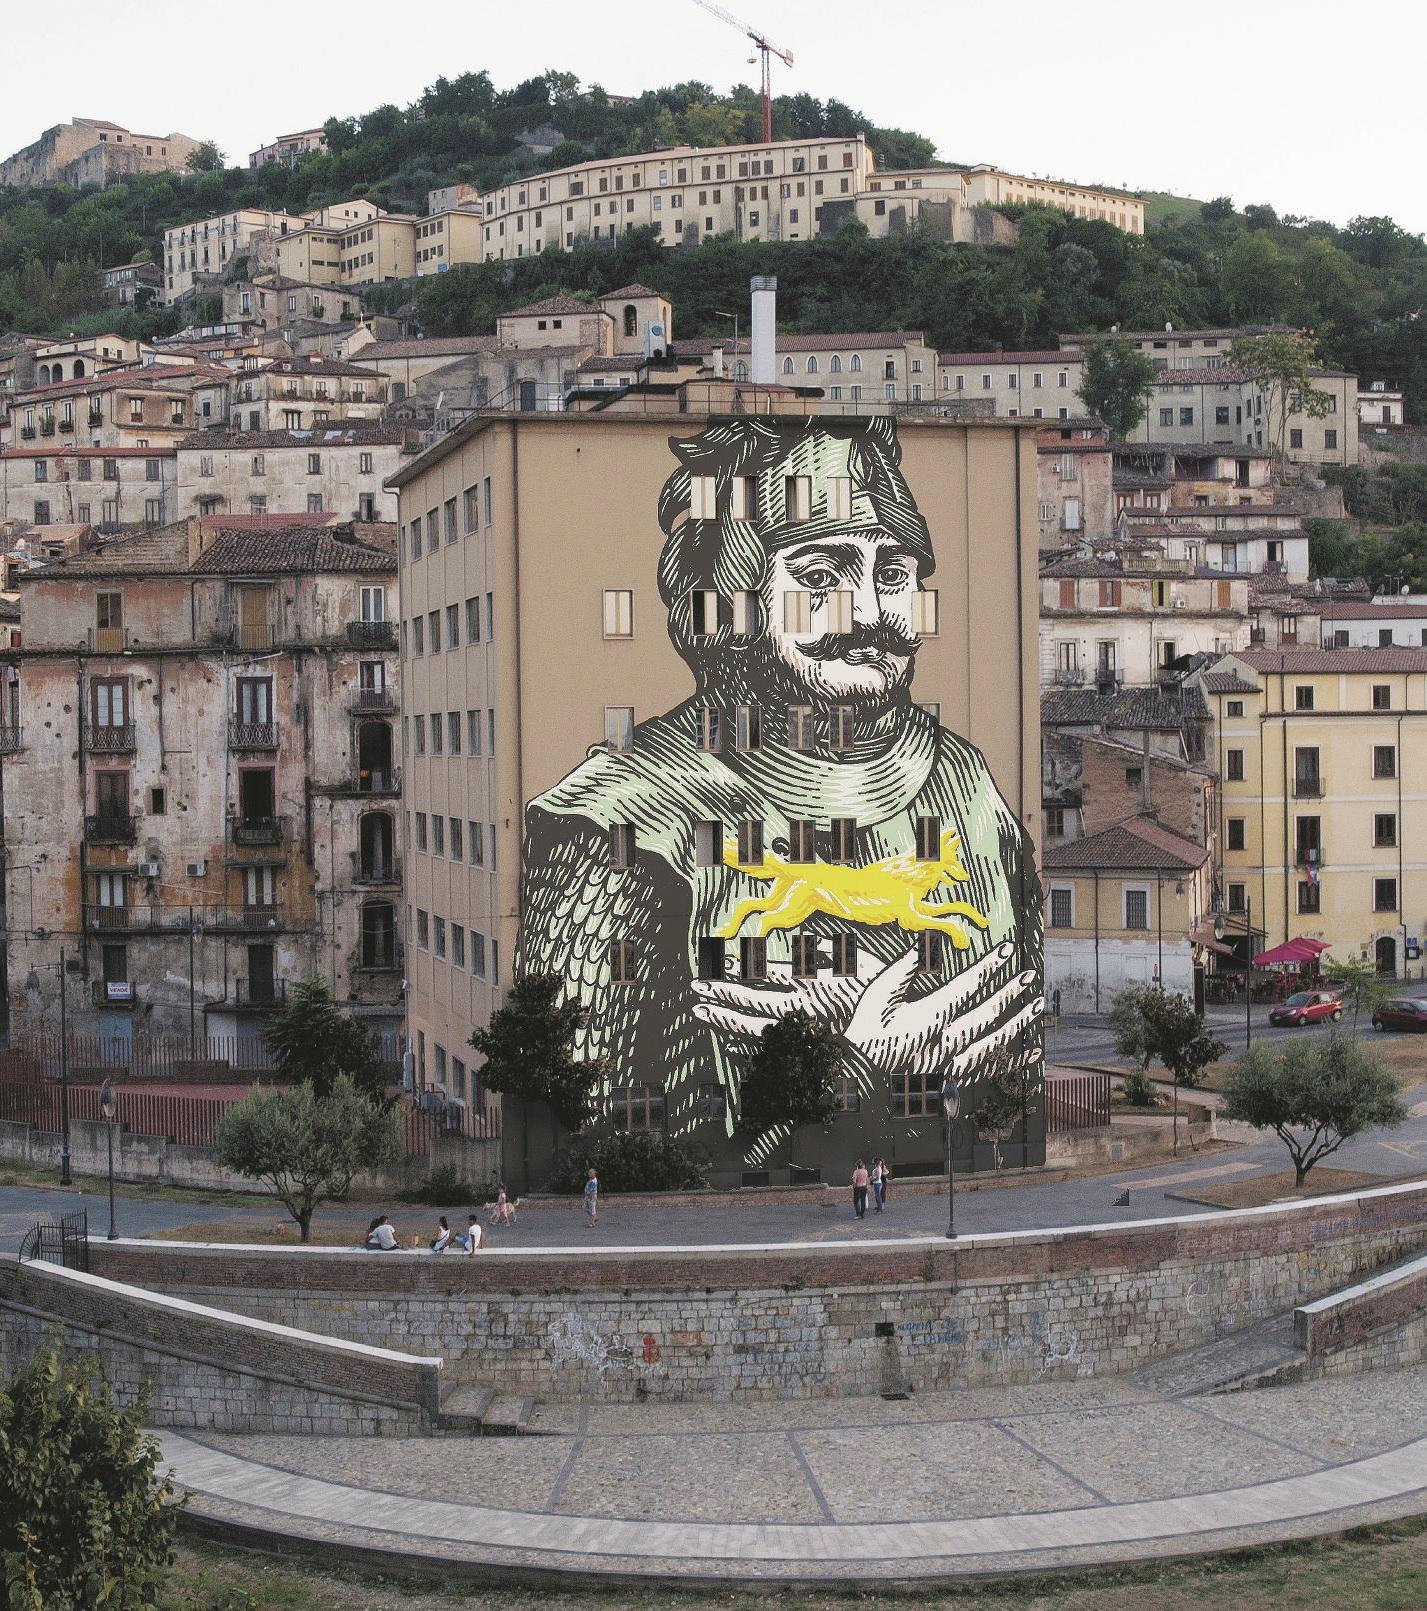 DOPO. Ex-Jolly Hotel a Cosenza. (Bozzetto ad opera di Lucamaleonte) Sul Fatto Quotidiano di lunedì 22 settembre 2014